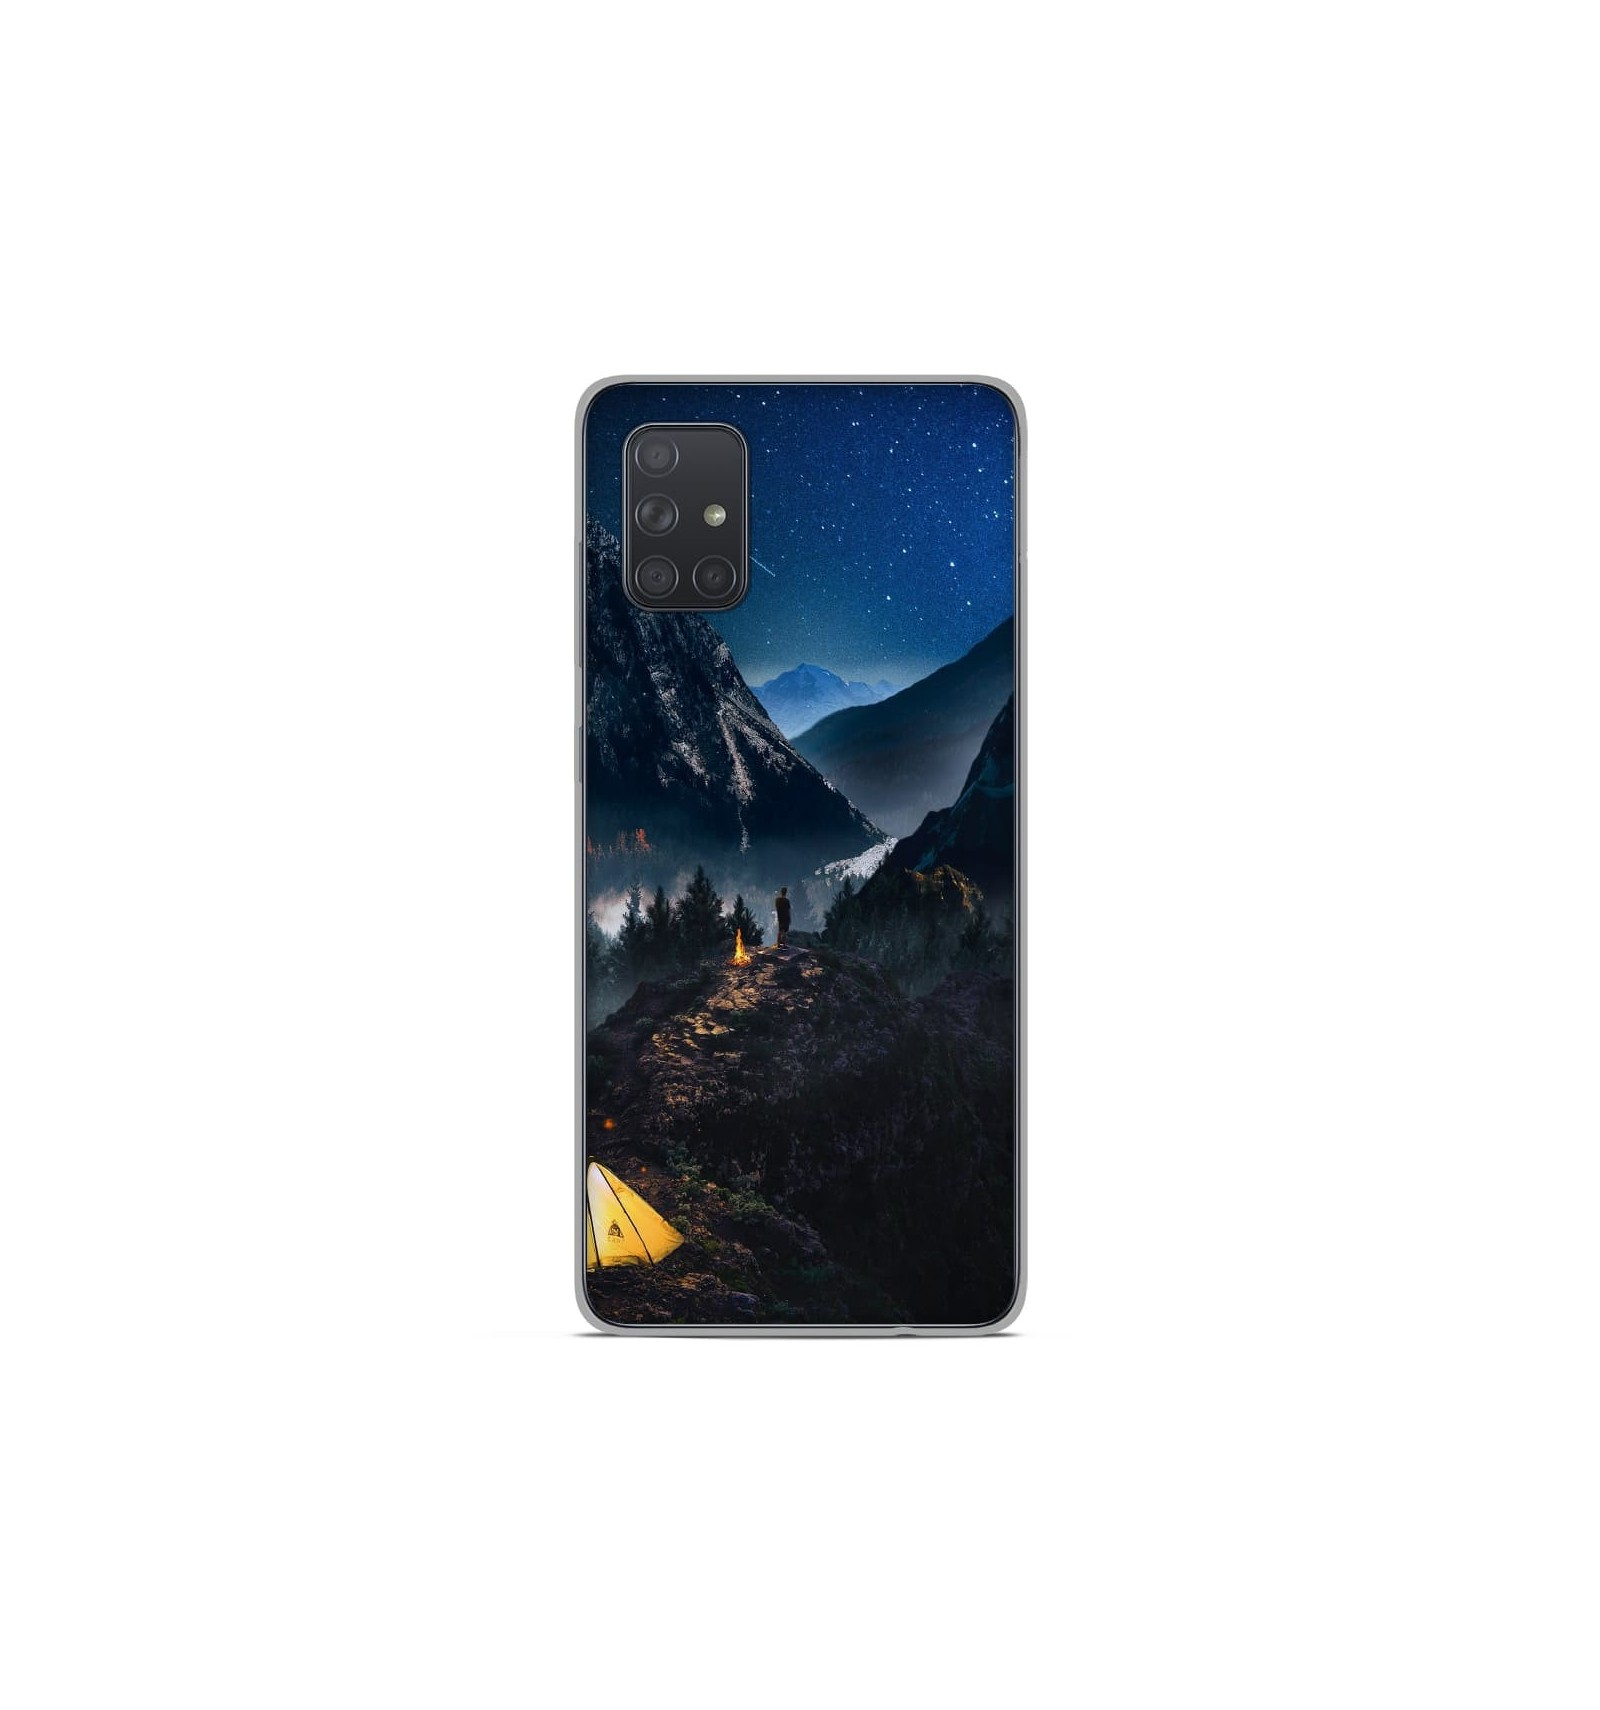 Coque en silicone Samsung Galaxy A51 - Seul en Montagne